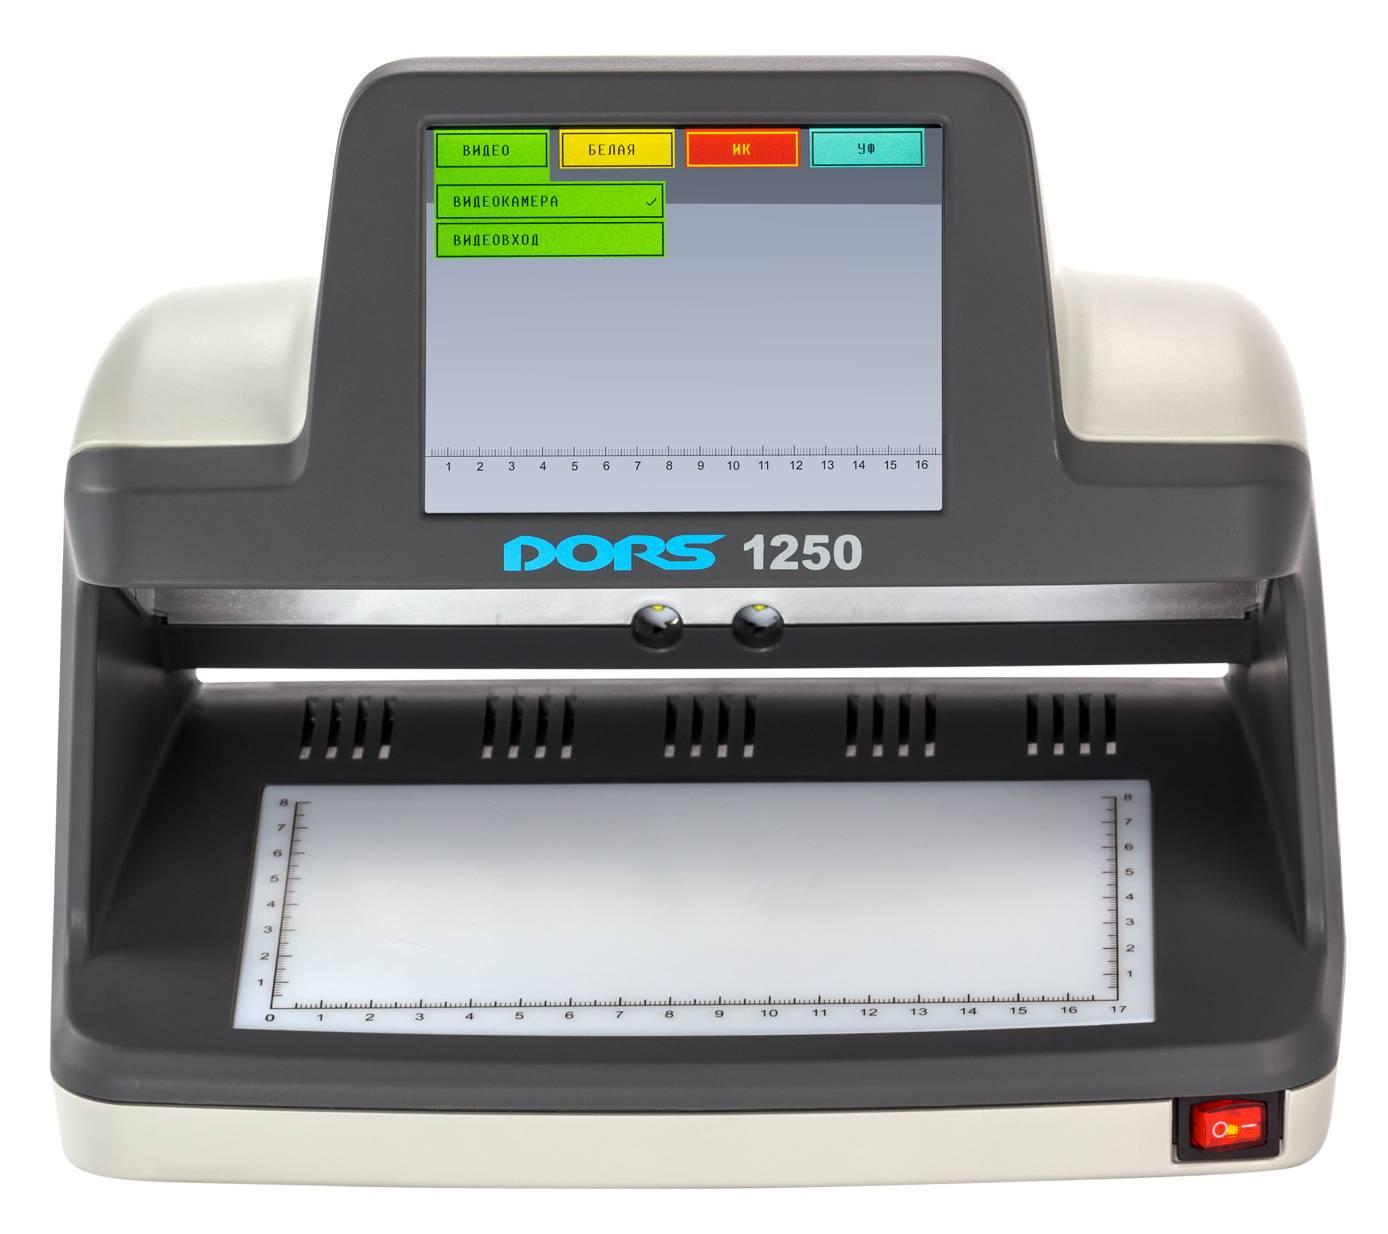 Детектор банкнот Dors 1250 Standart серый (FRZ-044870) - фото 1